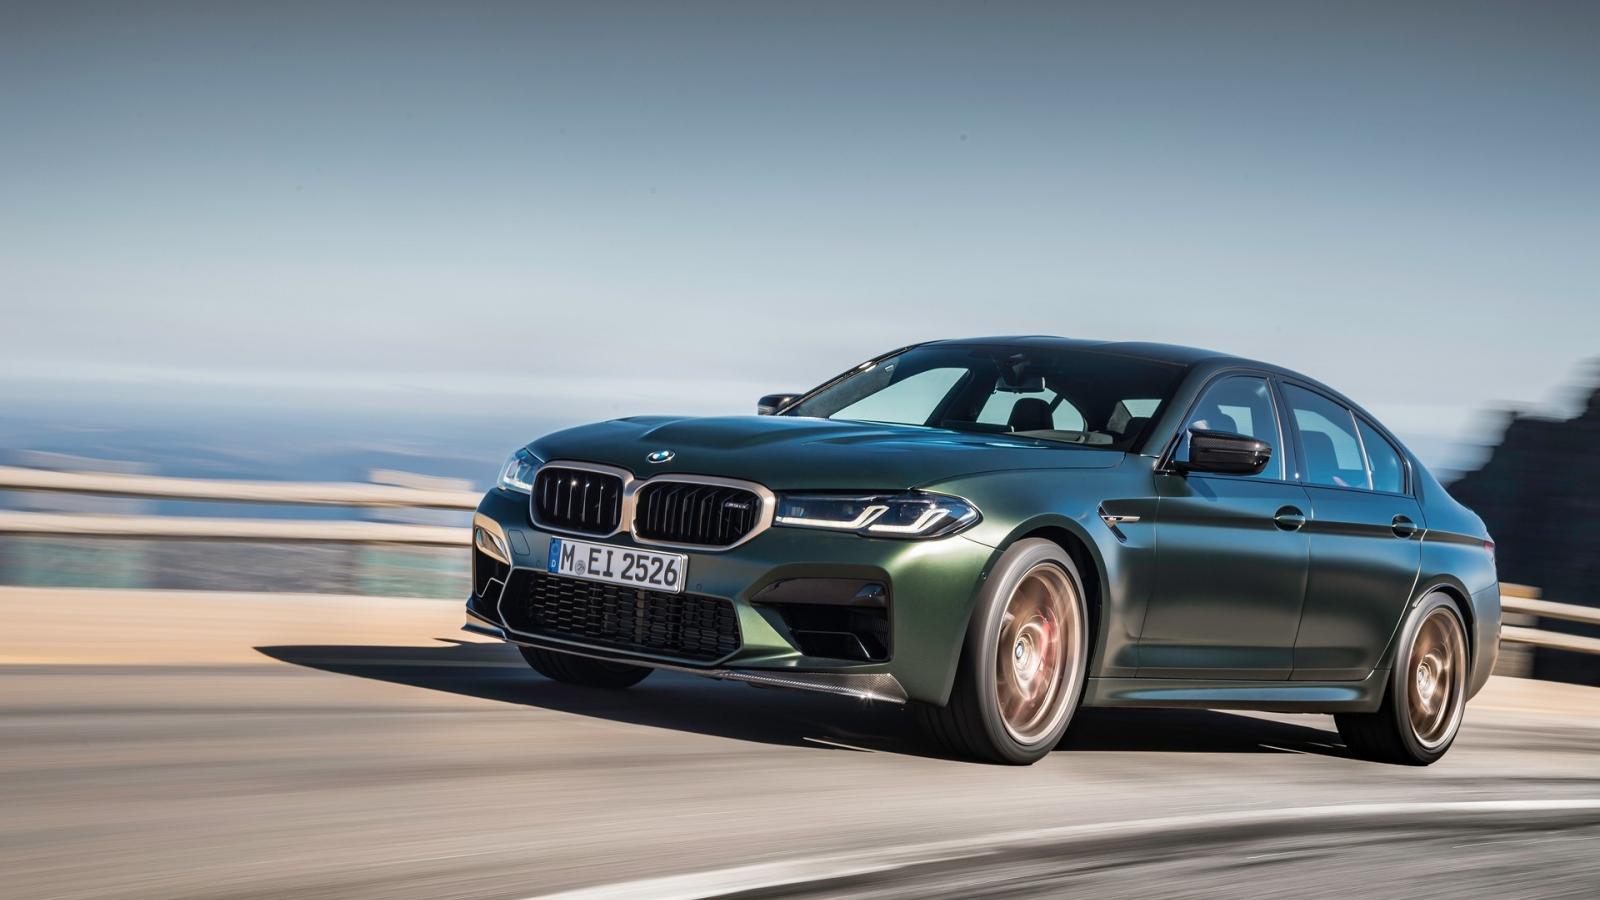 Khám phá BMW M5 CS 2022 công suất 627 mã lực